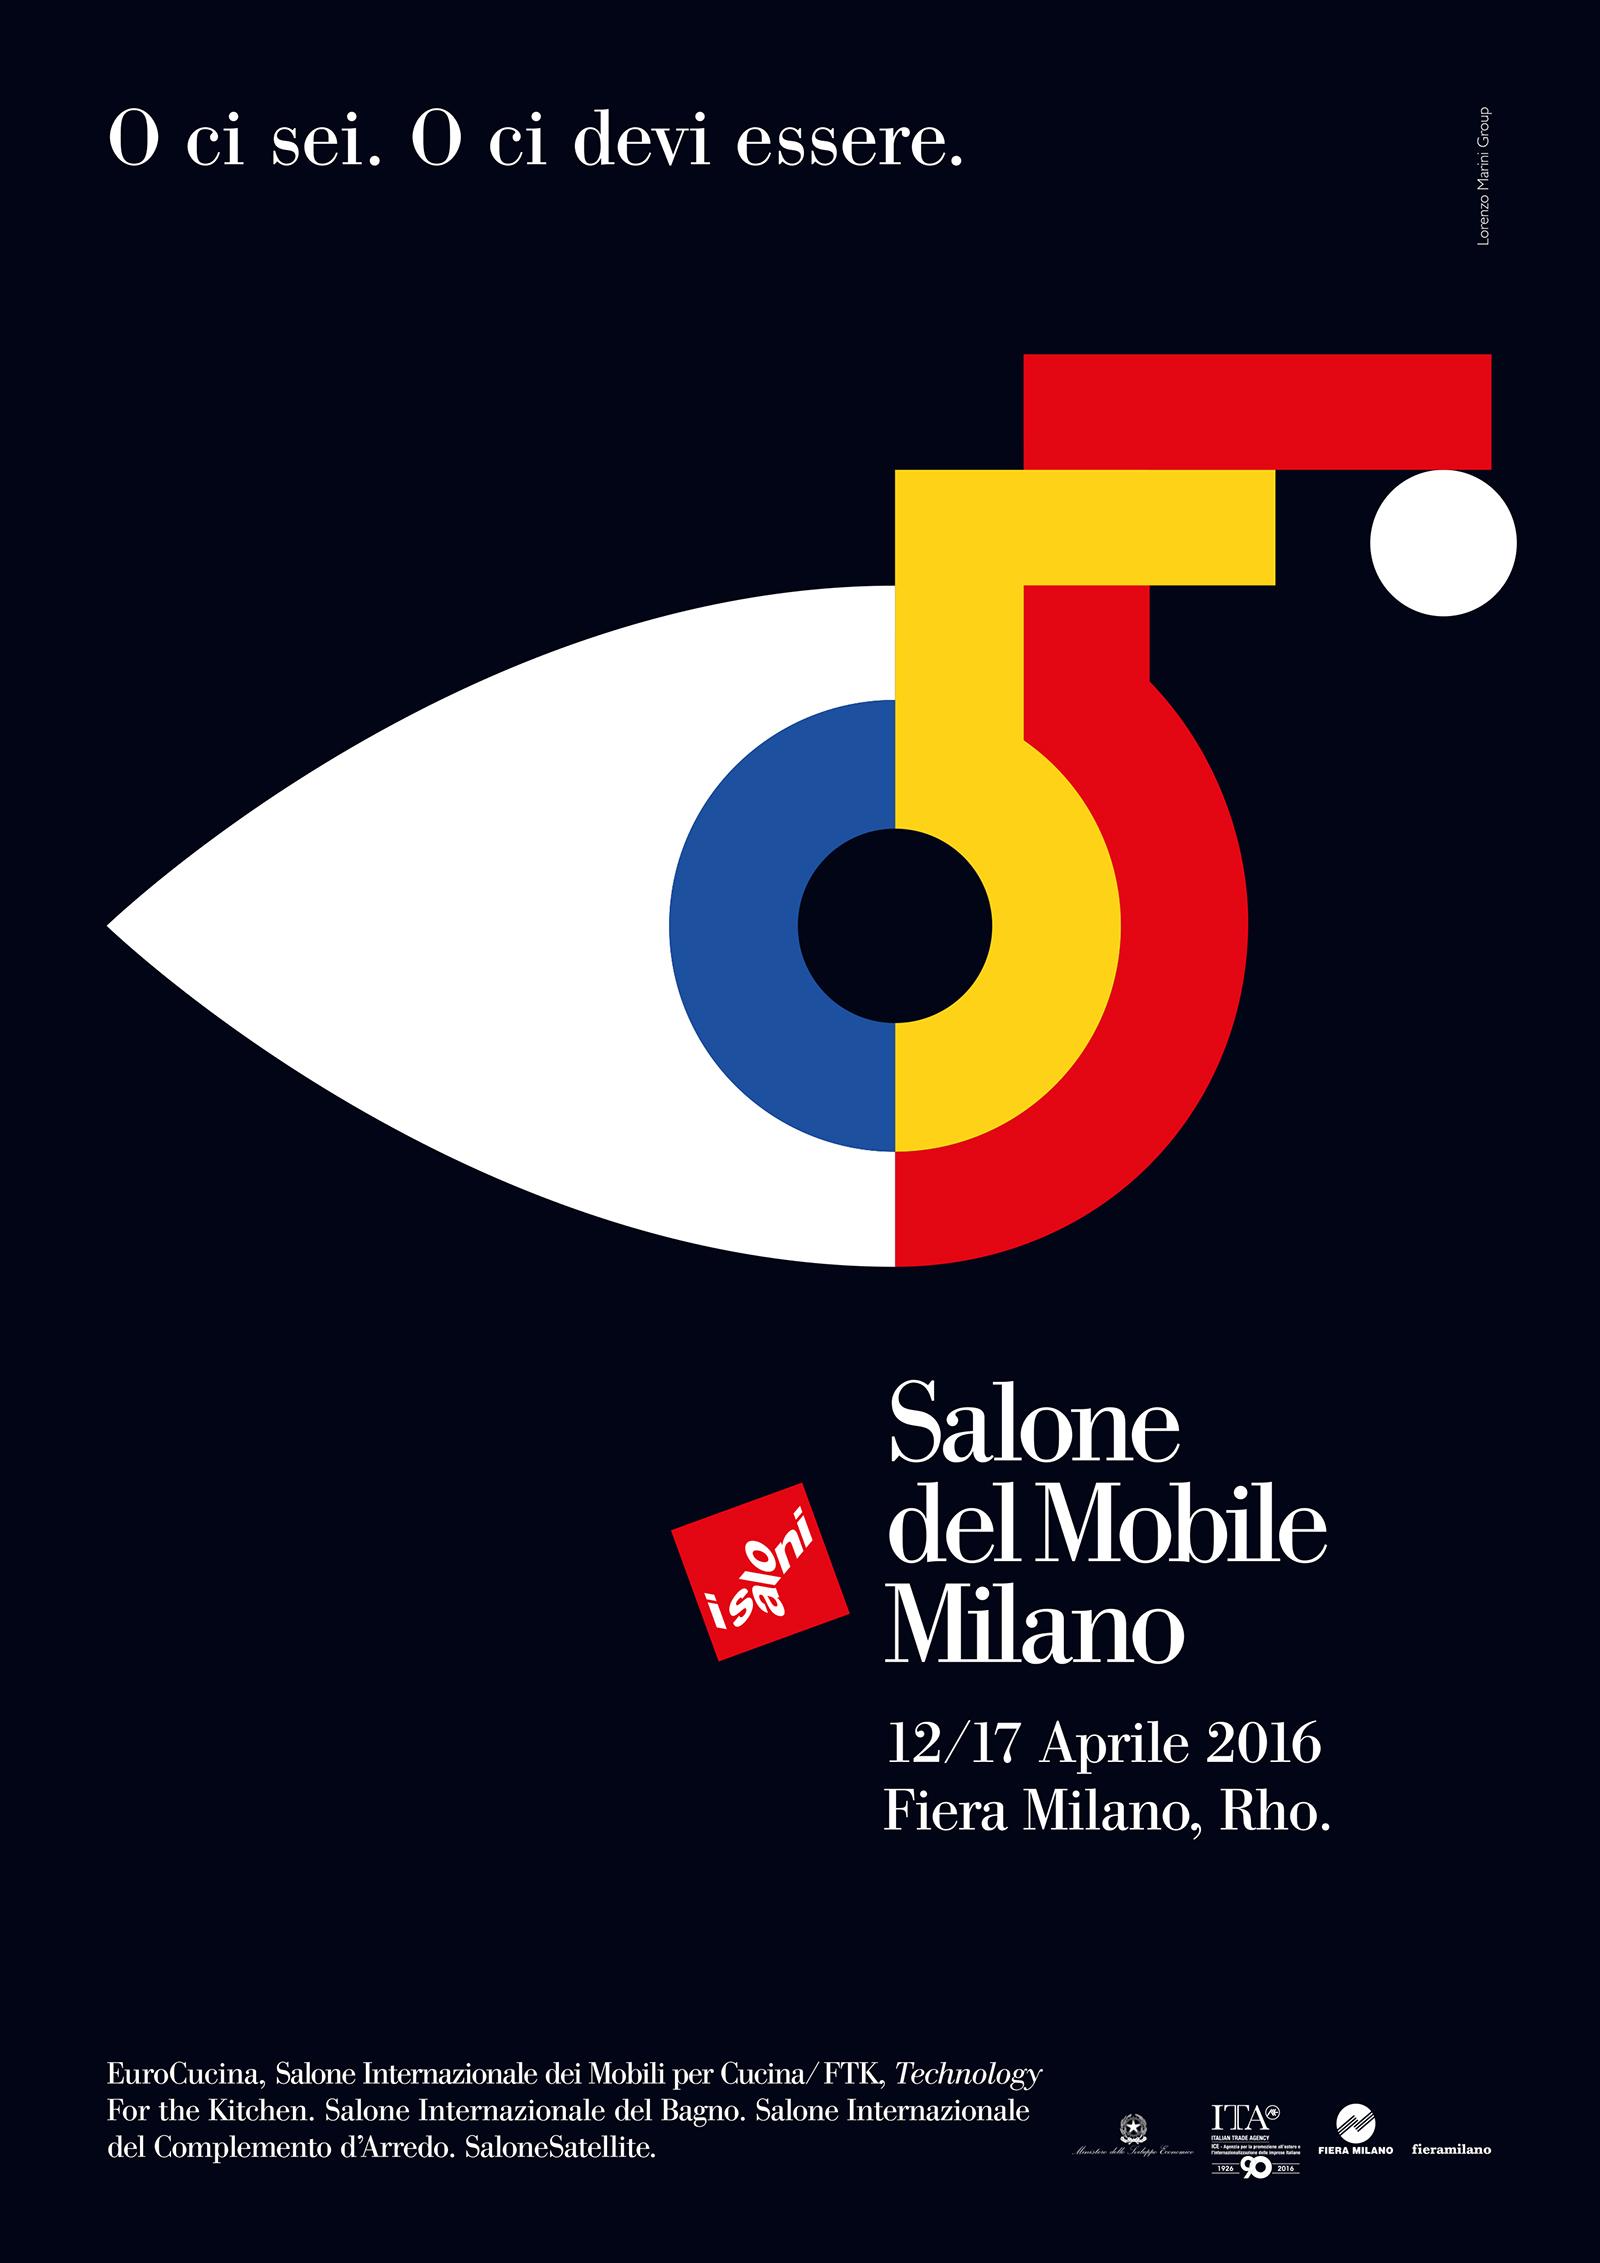 Salone del Mobile poster 2016